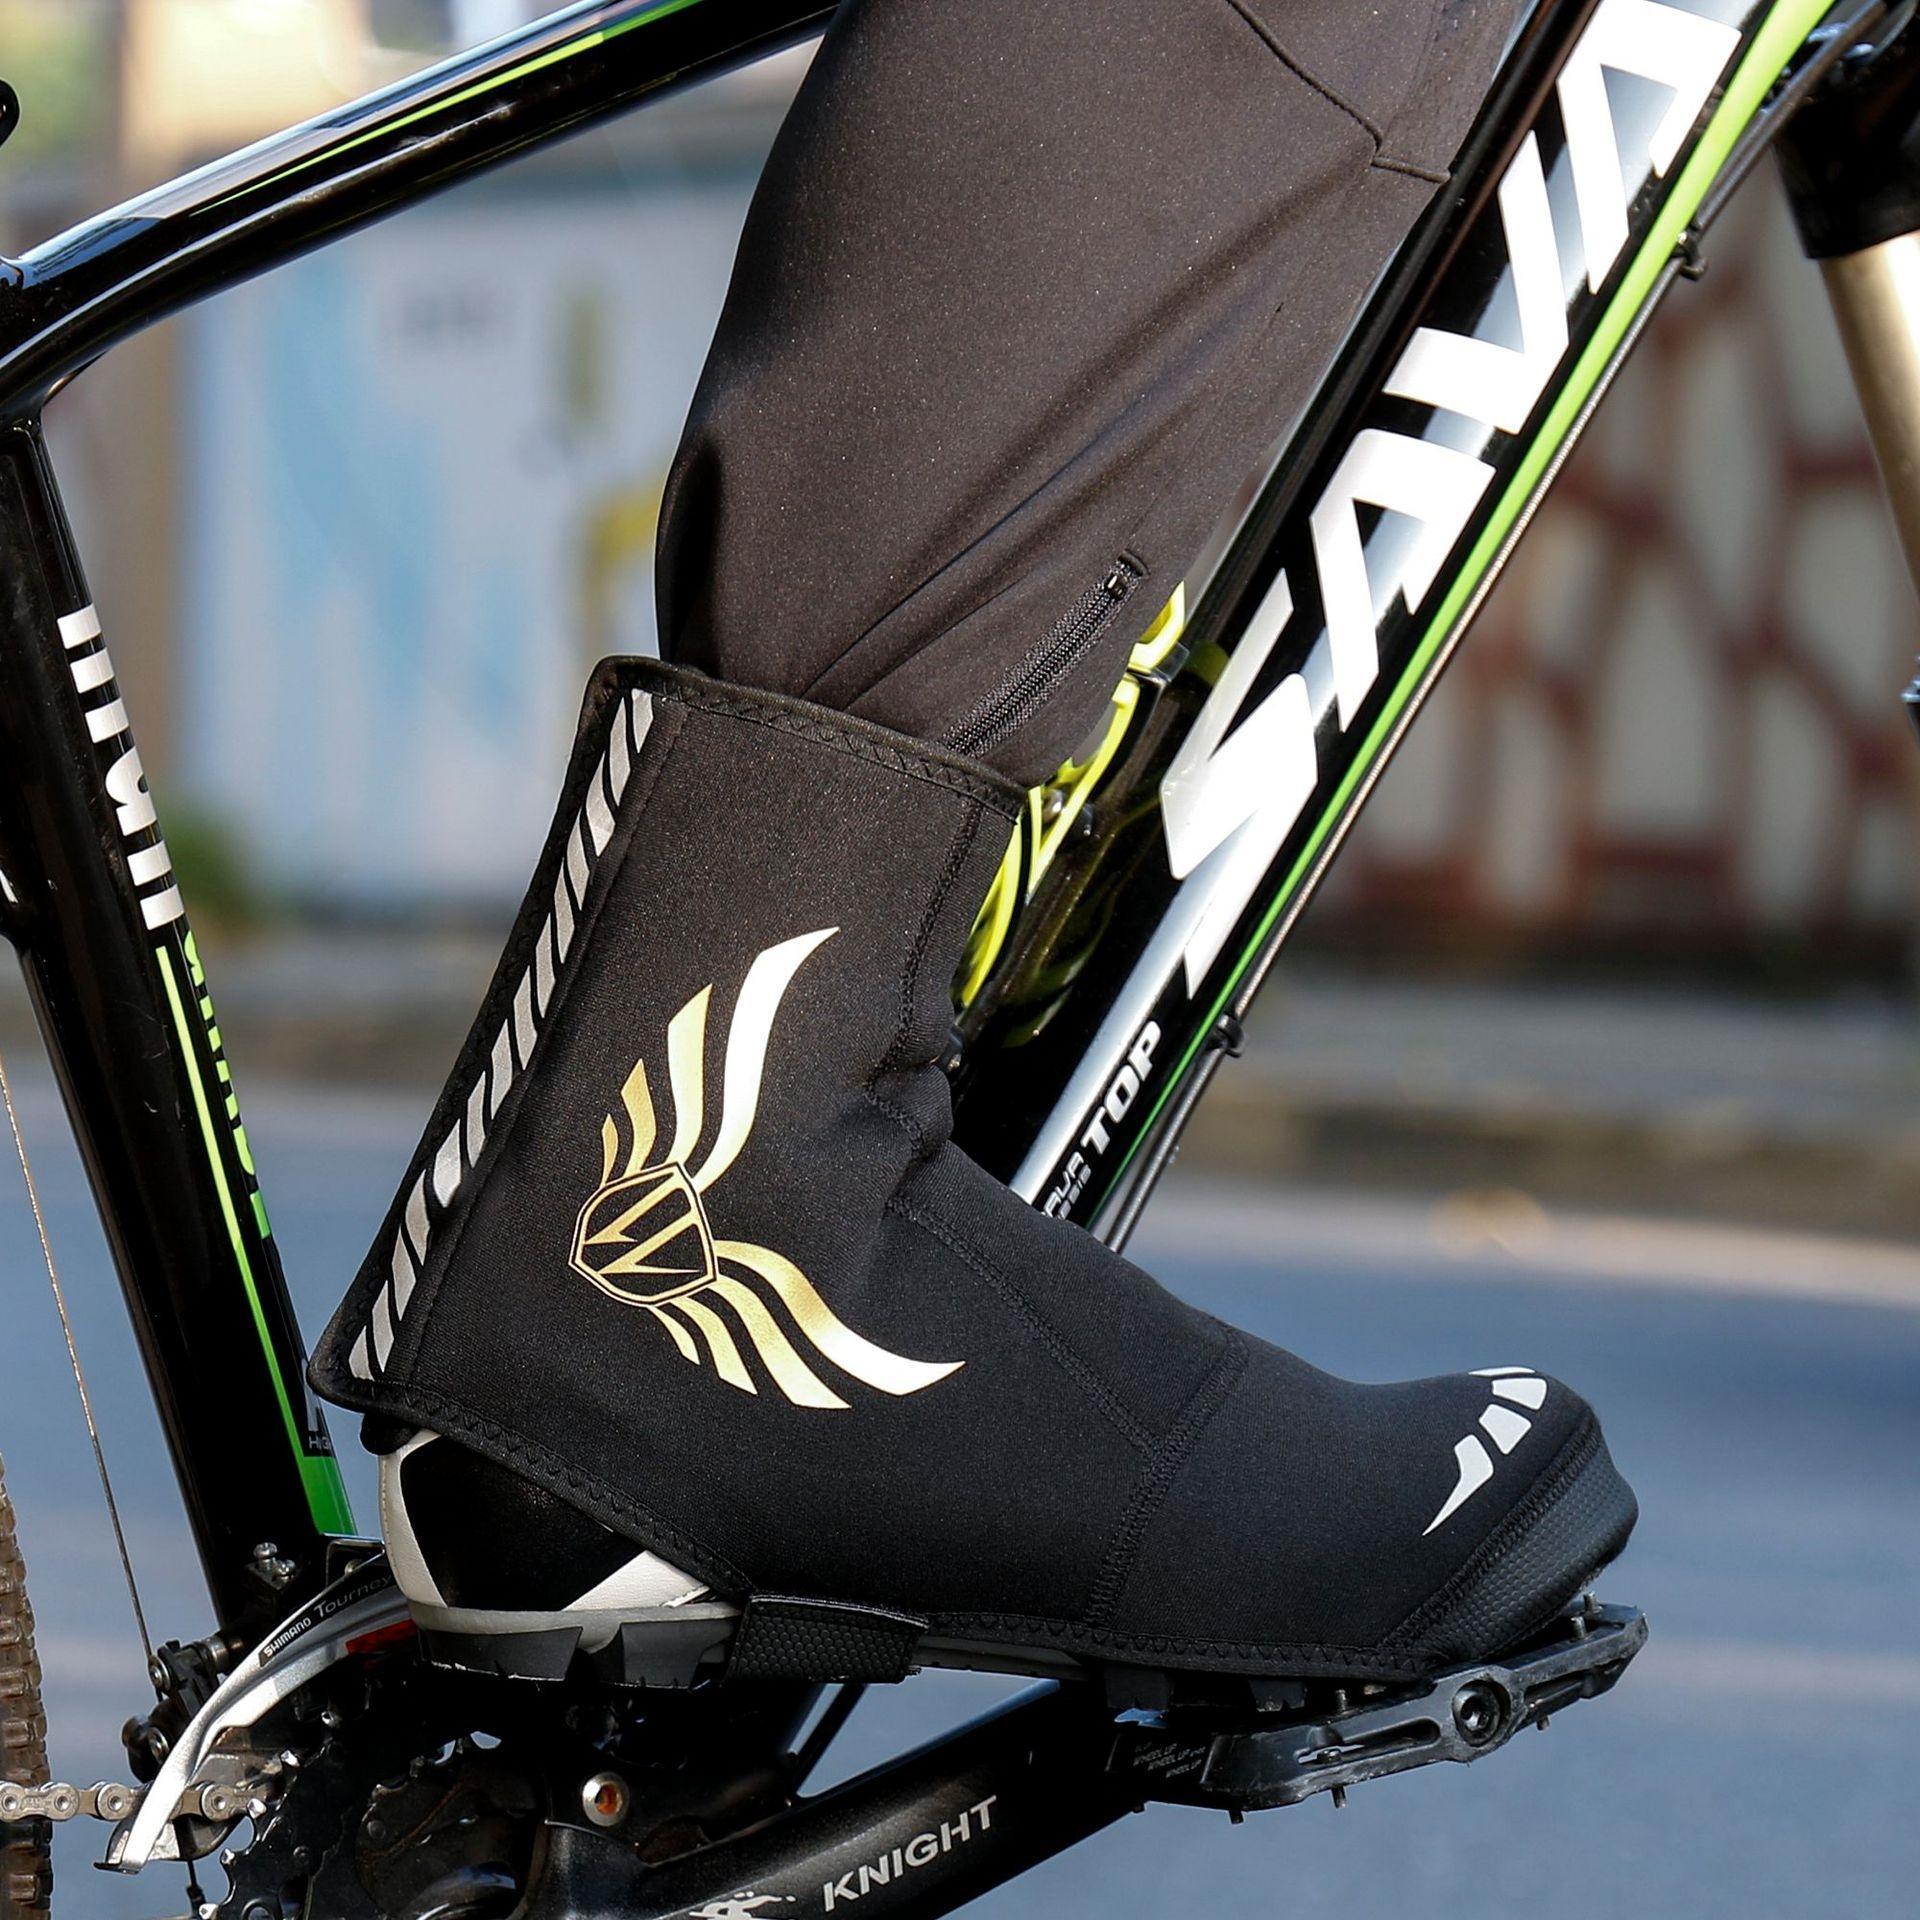 Z1jte wheelup, equitación, bicicleta de botas de montar calientes zapatillas de ciclismo de cierre del paquete shoess coche de carretera de montaña cubierta de la zapata a prueba de viento caliente de ciclo impermeable